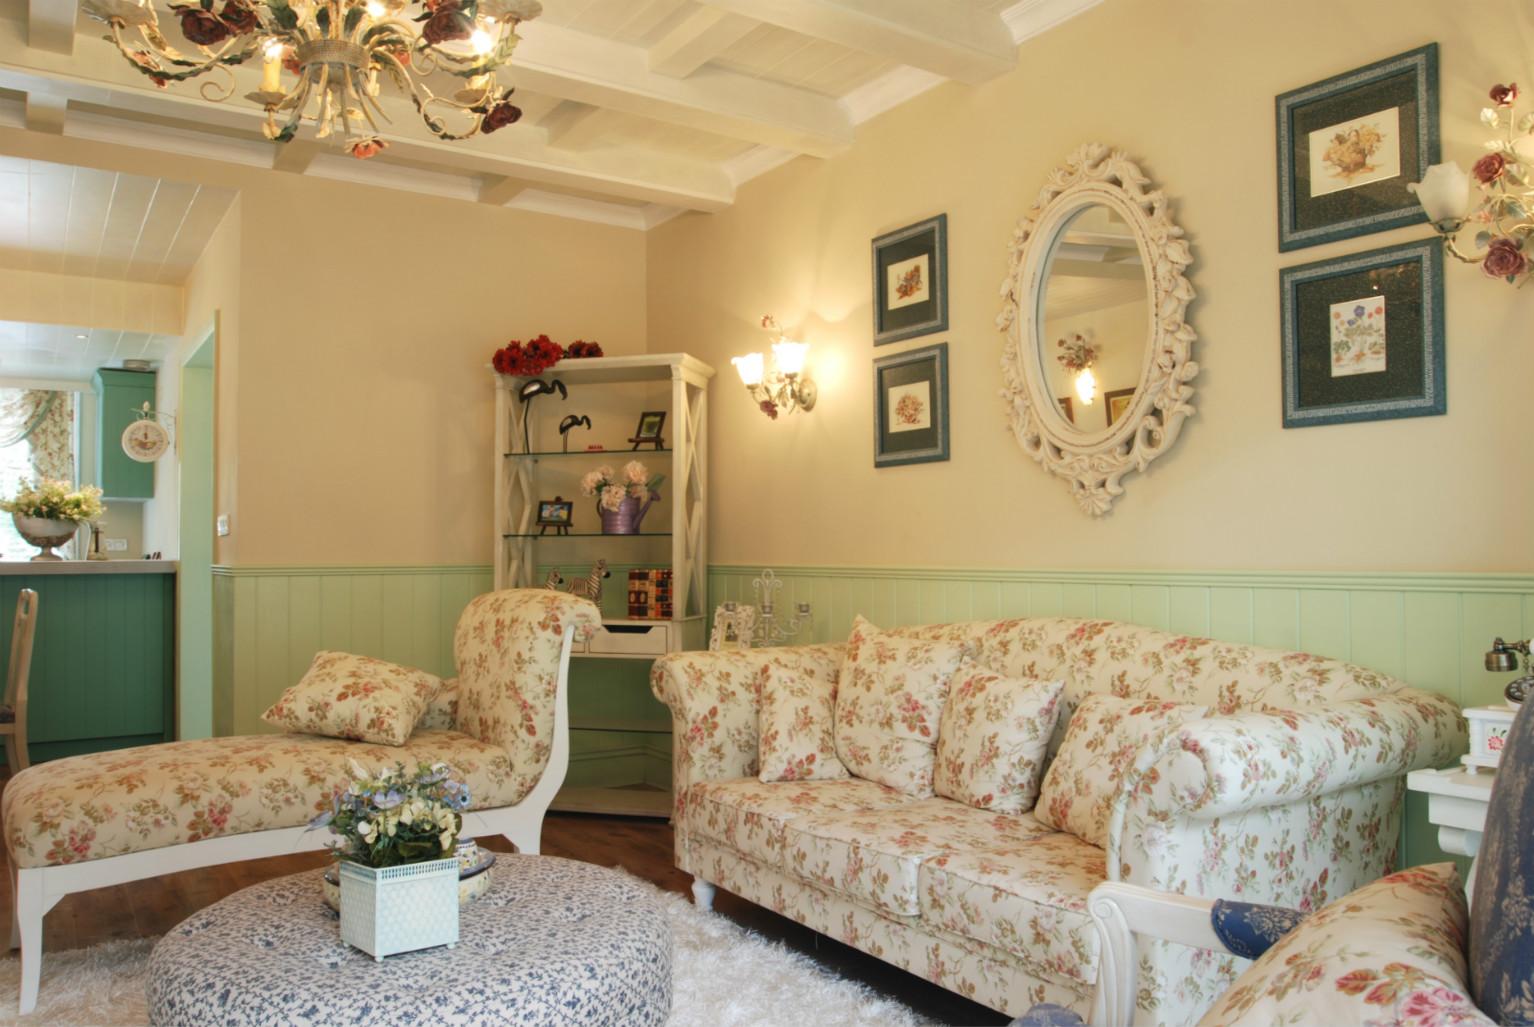 碎花是田园风格的典型特征,碎花布艺沙发增加了一抹田园色彩。